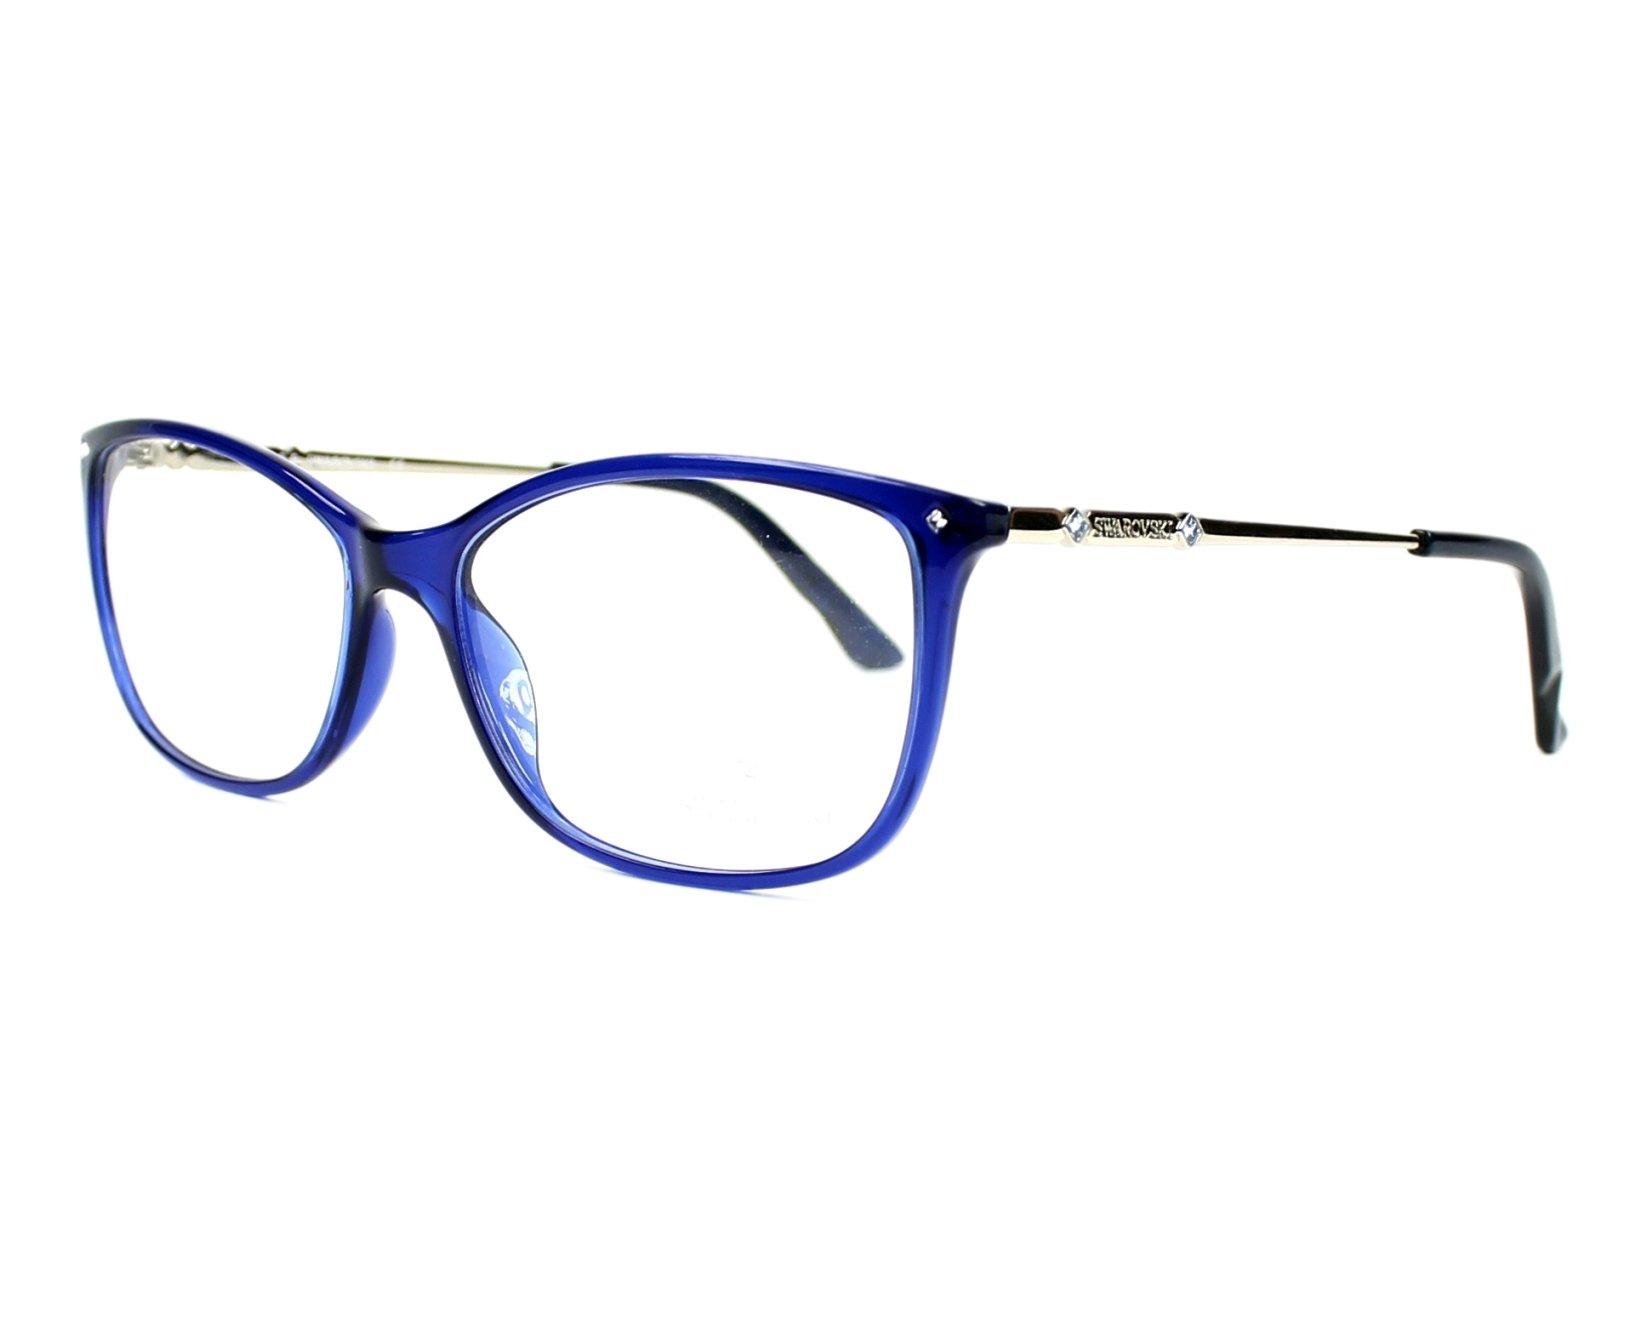 Swarovski Gafas SW-5179 - 090: Cómpralo ahora en línea en Visionet